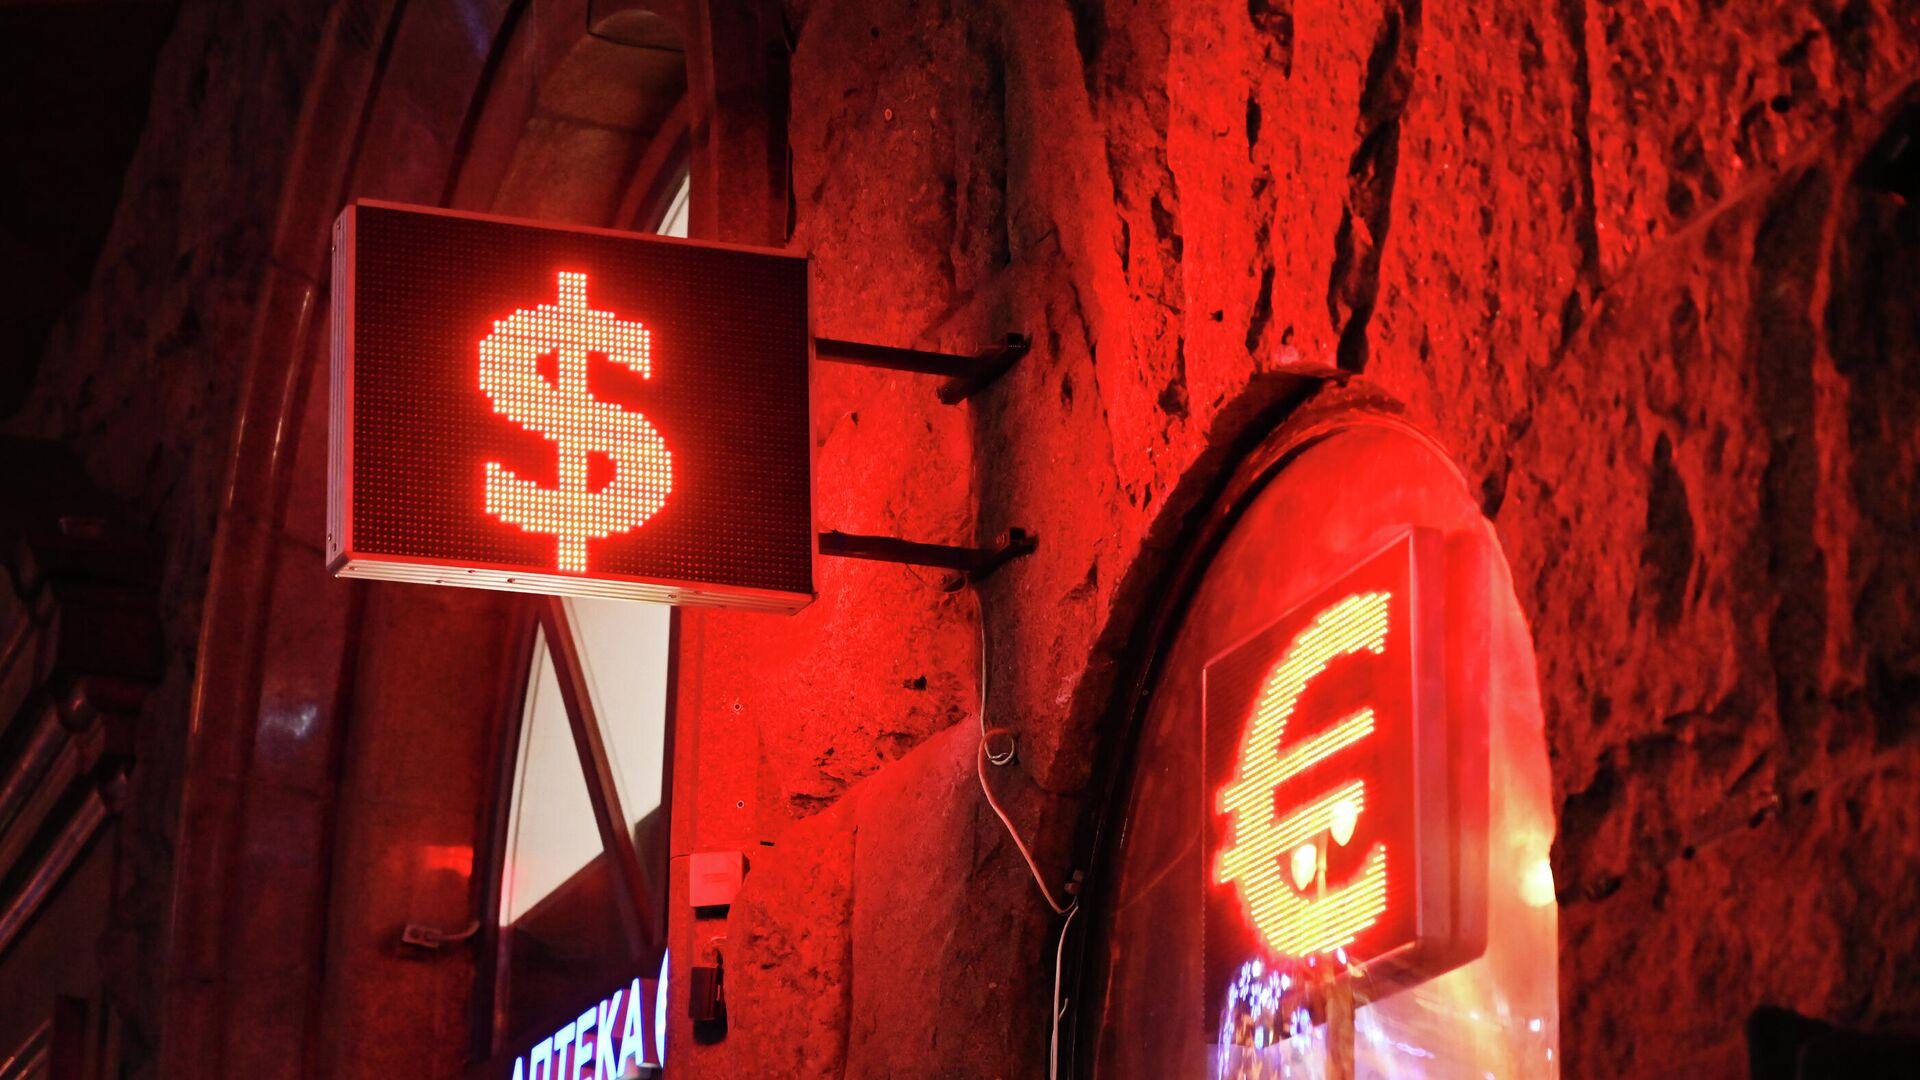 Аналитик предупредил, почему сейчас лучше не покупать доллары и евро